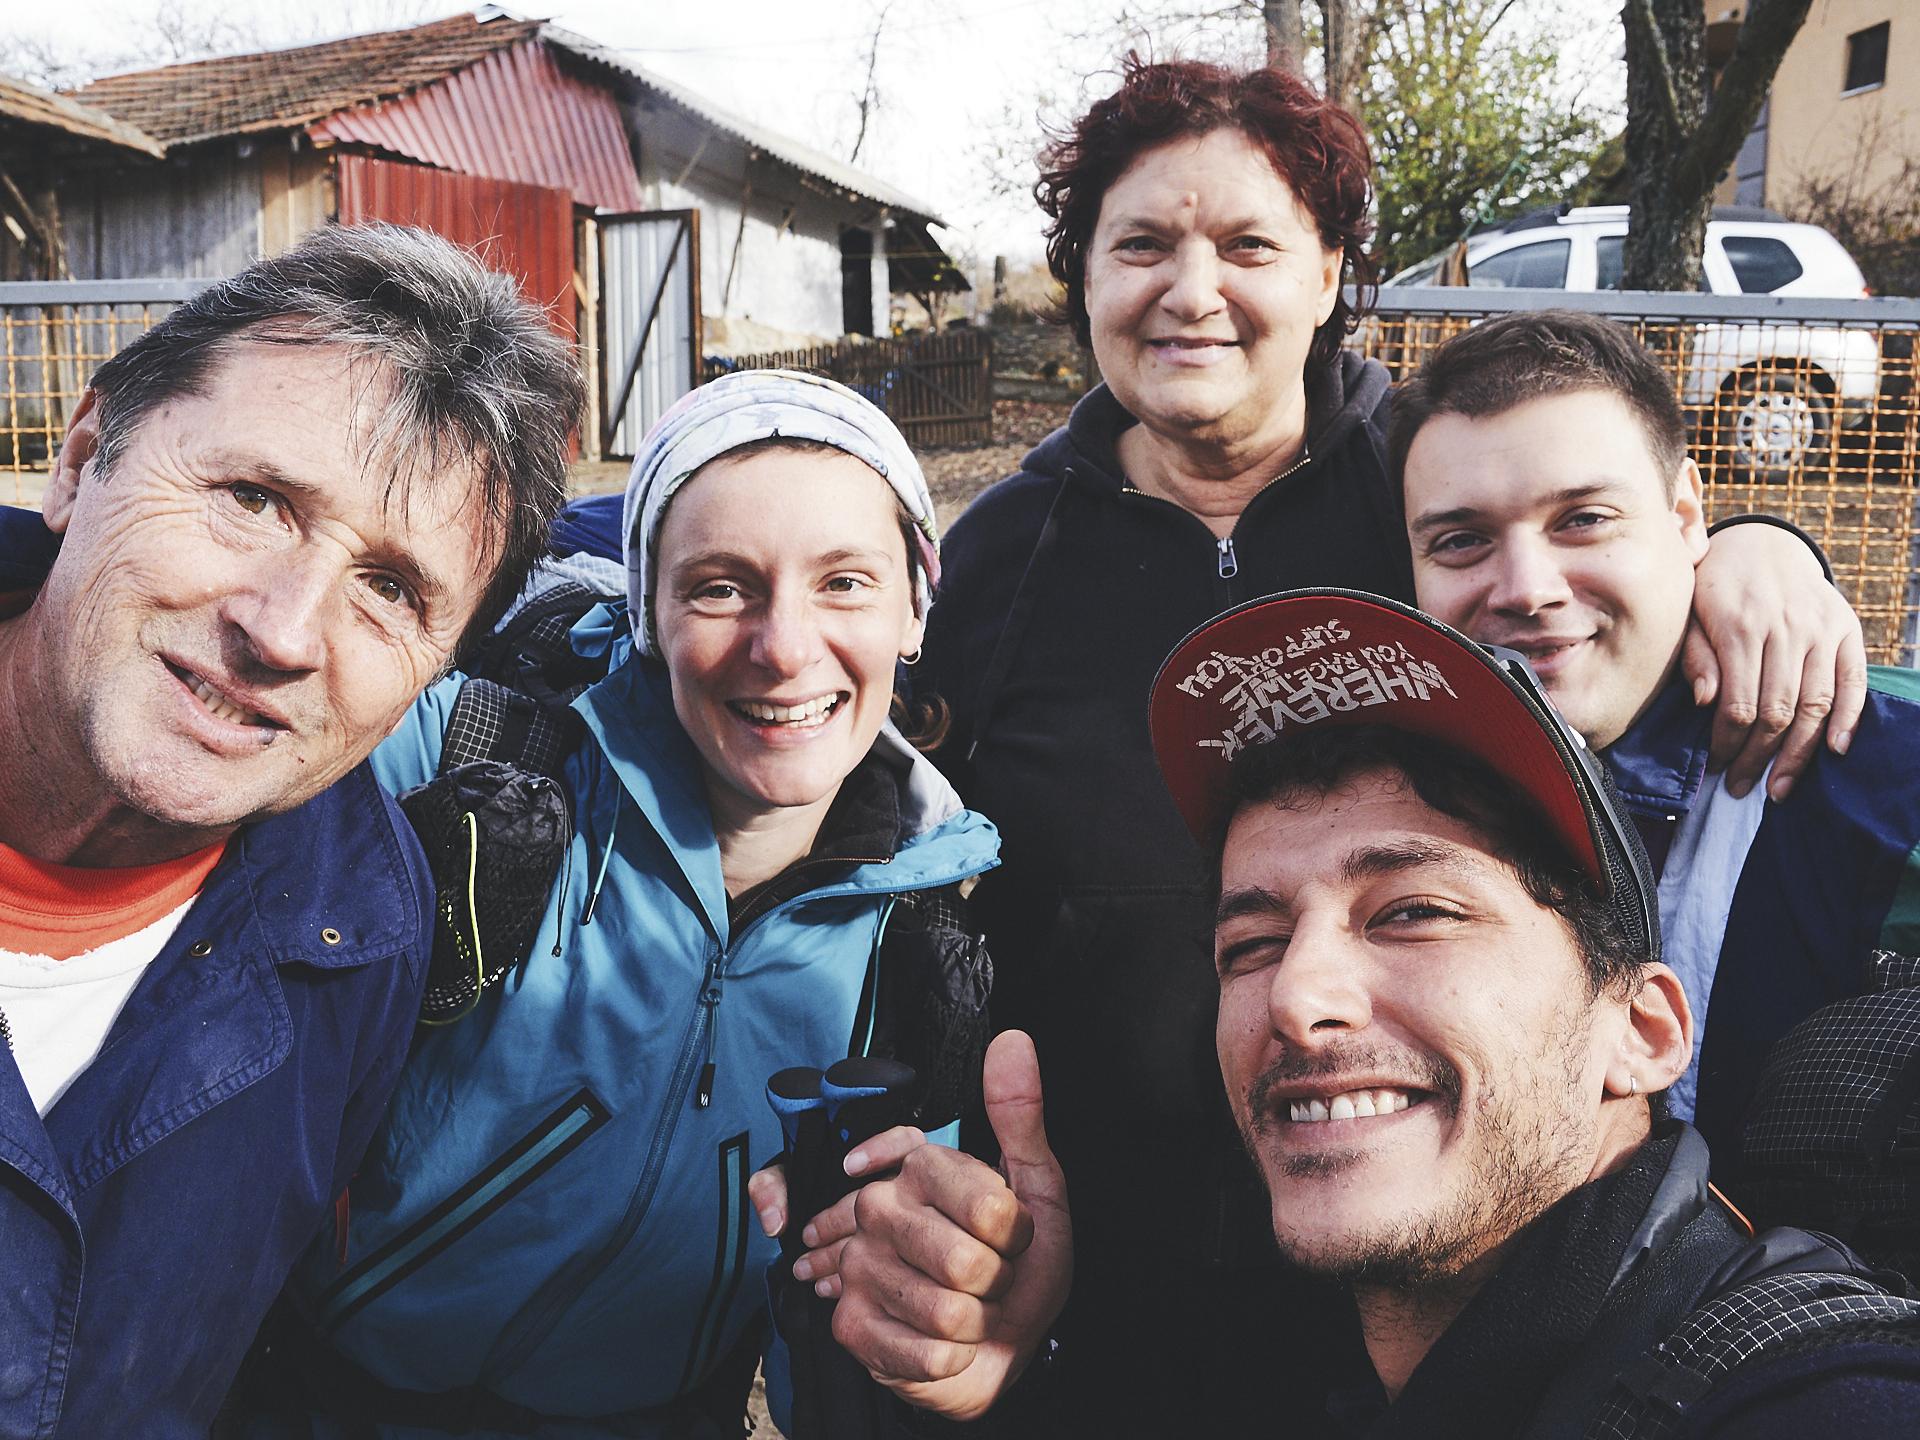 2PVA - Serbia- 0379 - nov. 29 2019